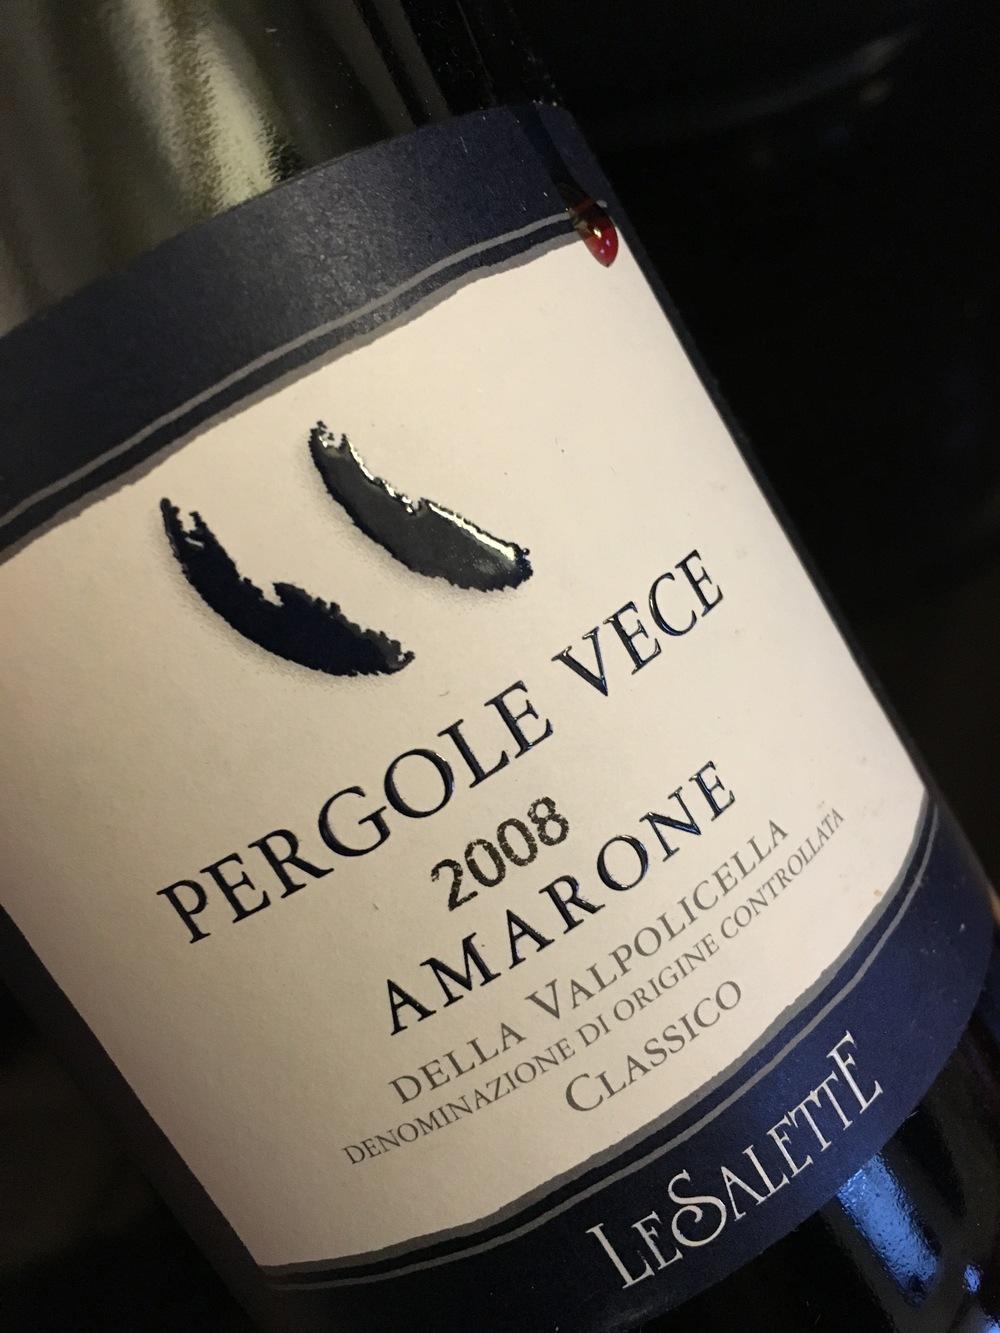 Pergola Vece 2008 Amarone, Le Salette